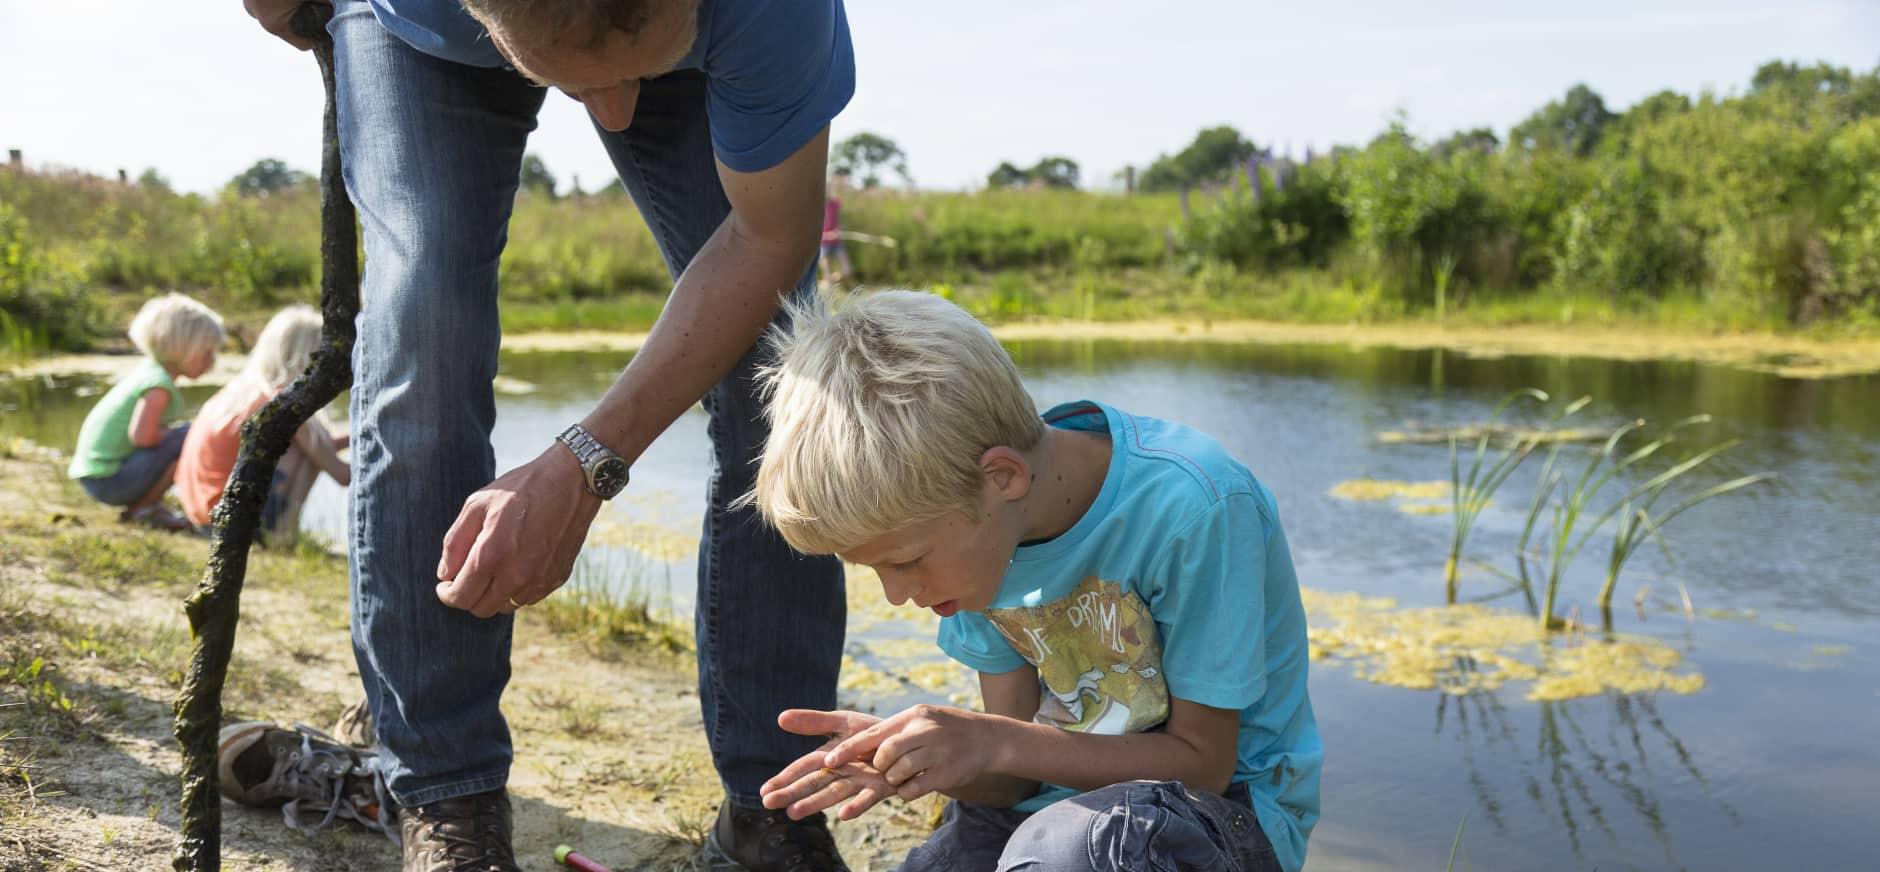 Vakantiebeurs Award voor natuuractiviteiten in Twente